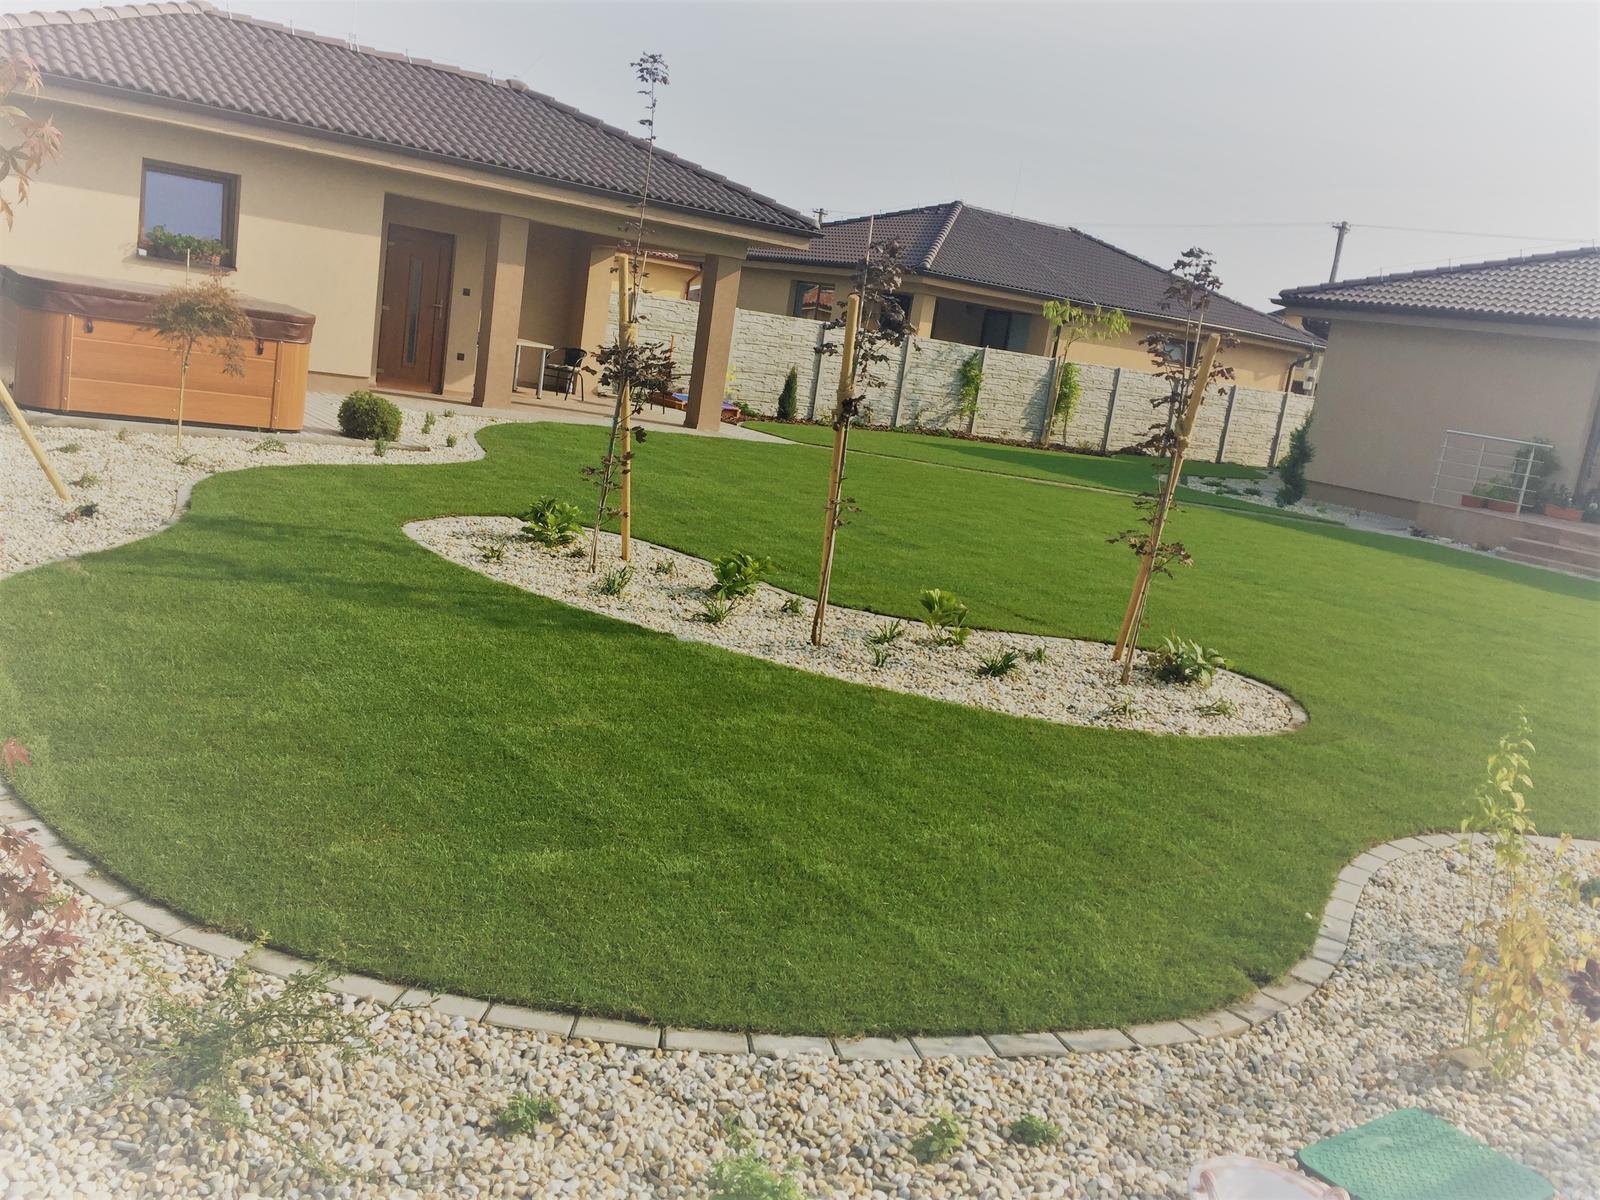 Zahrada 2018 - Obrázok č. 3